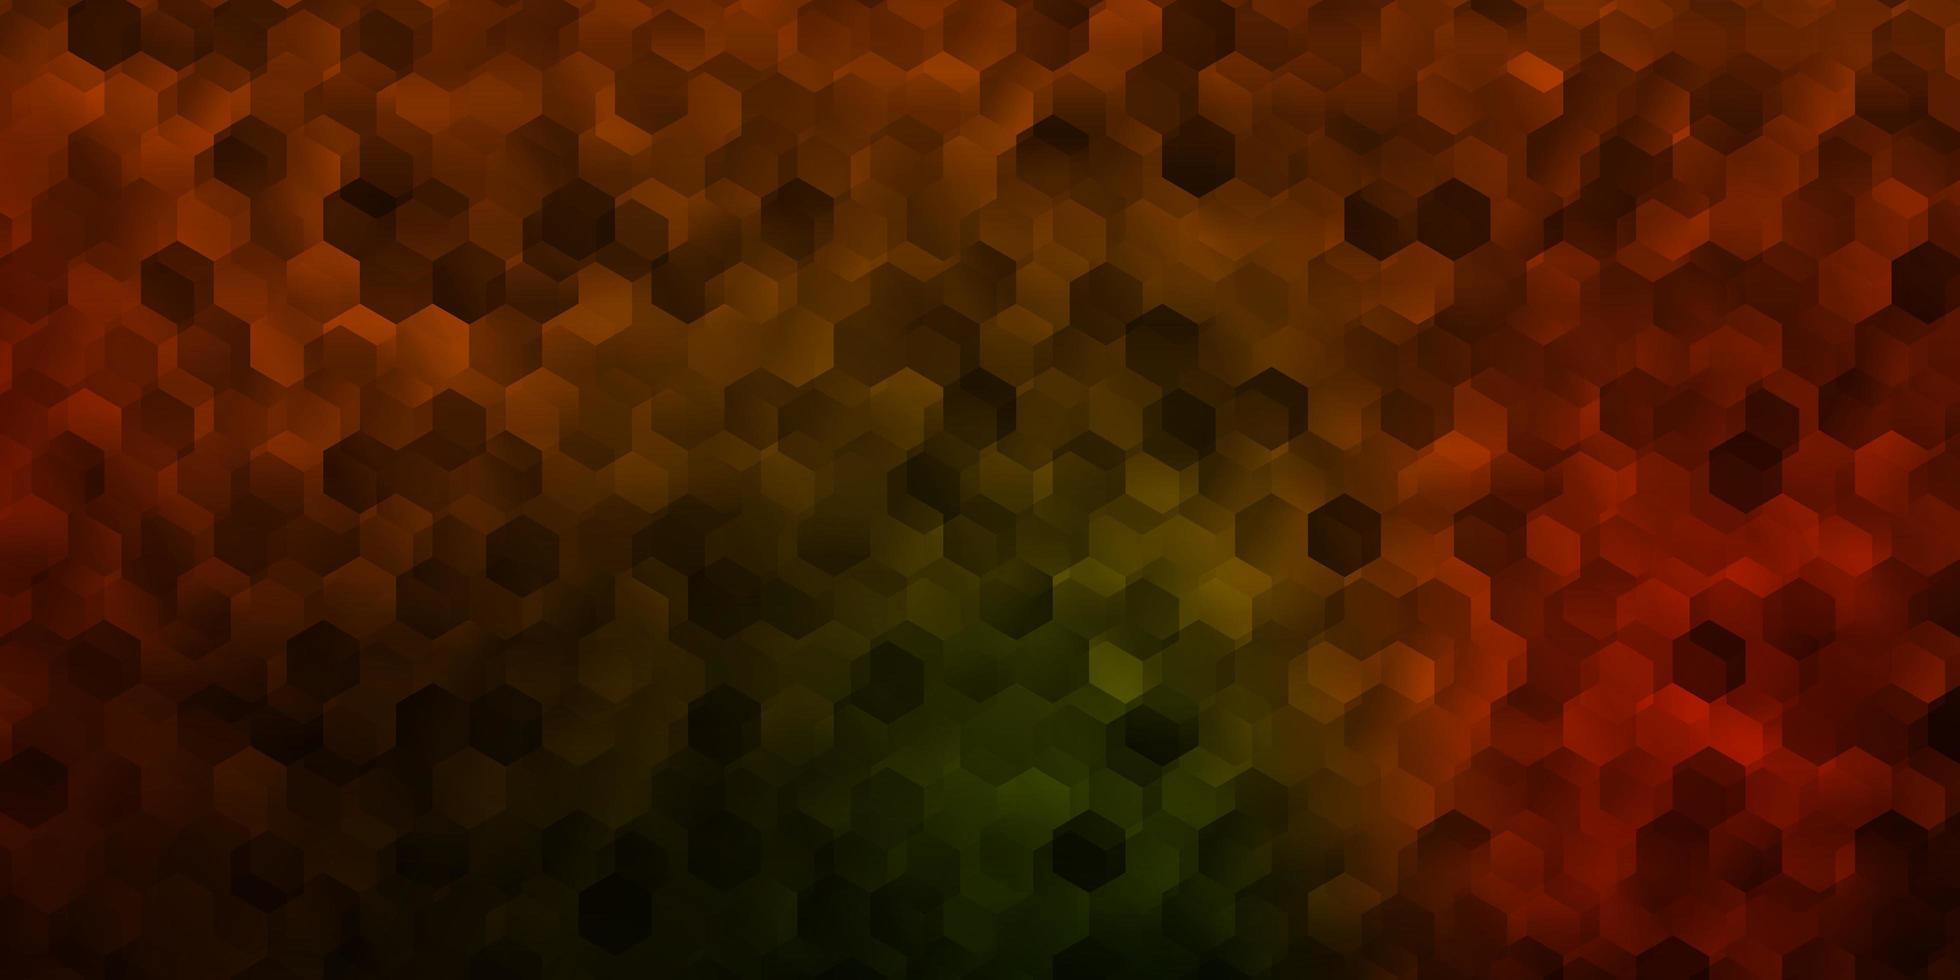 donkergroene, gele vectorachtergrond met zeshoekige vormen. vector